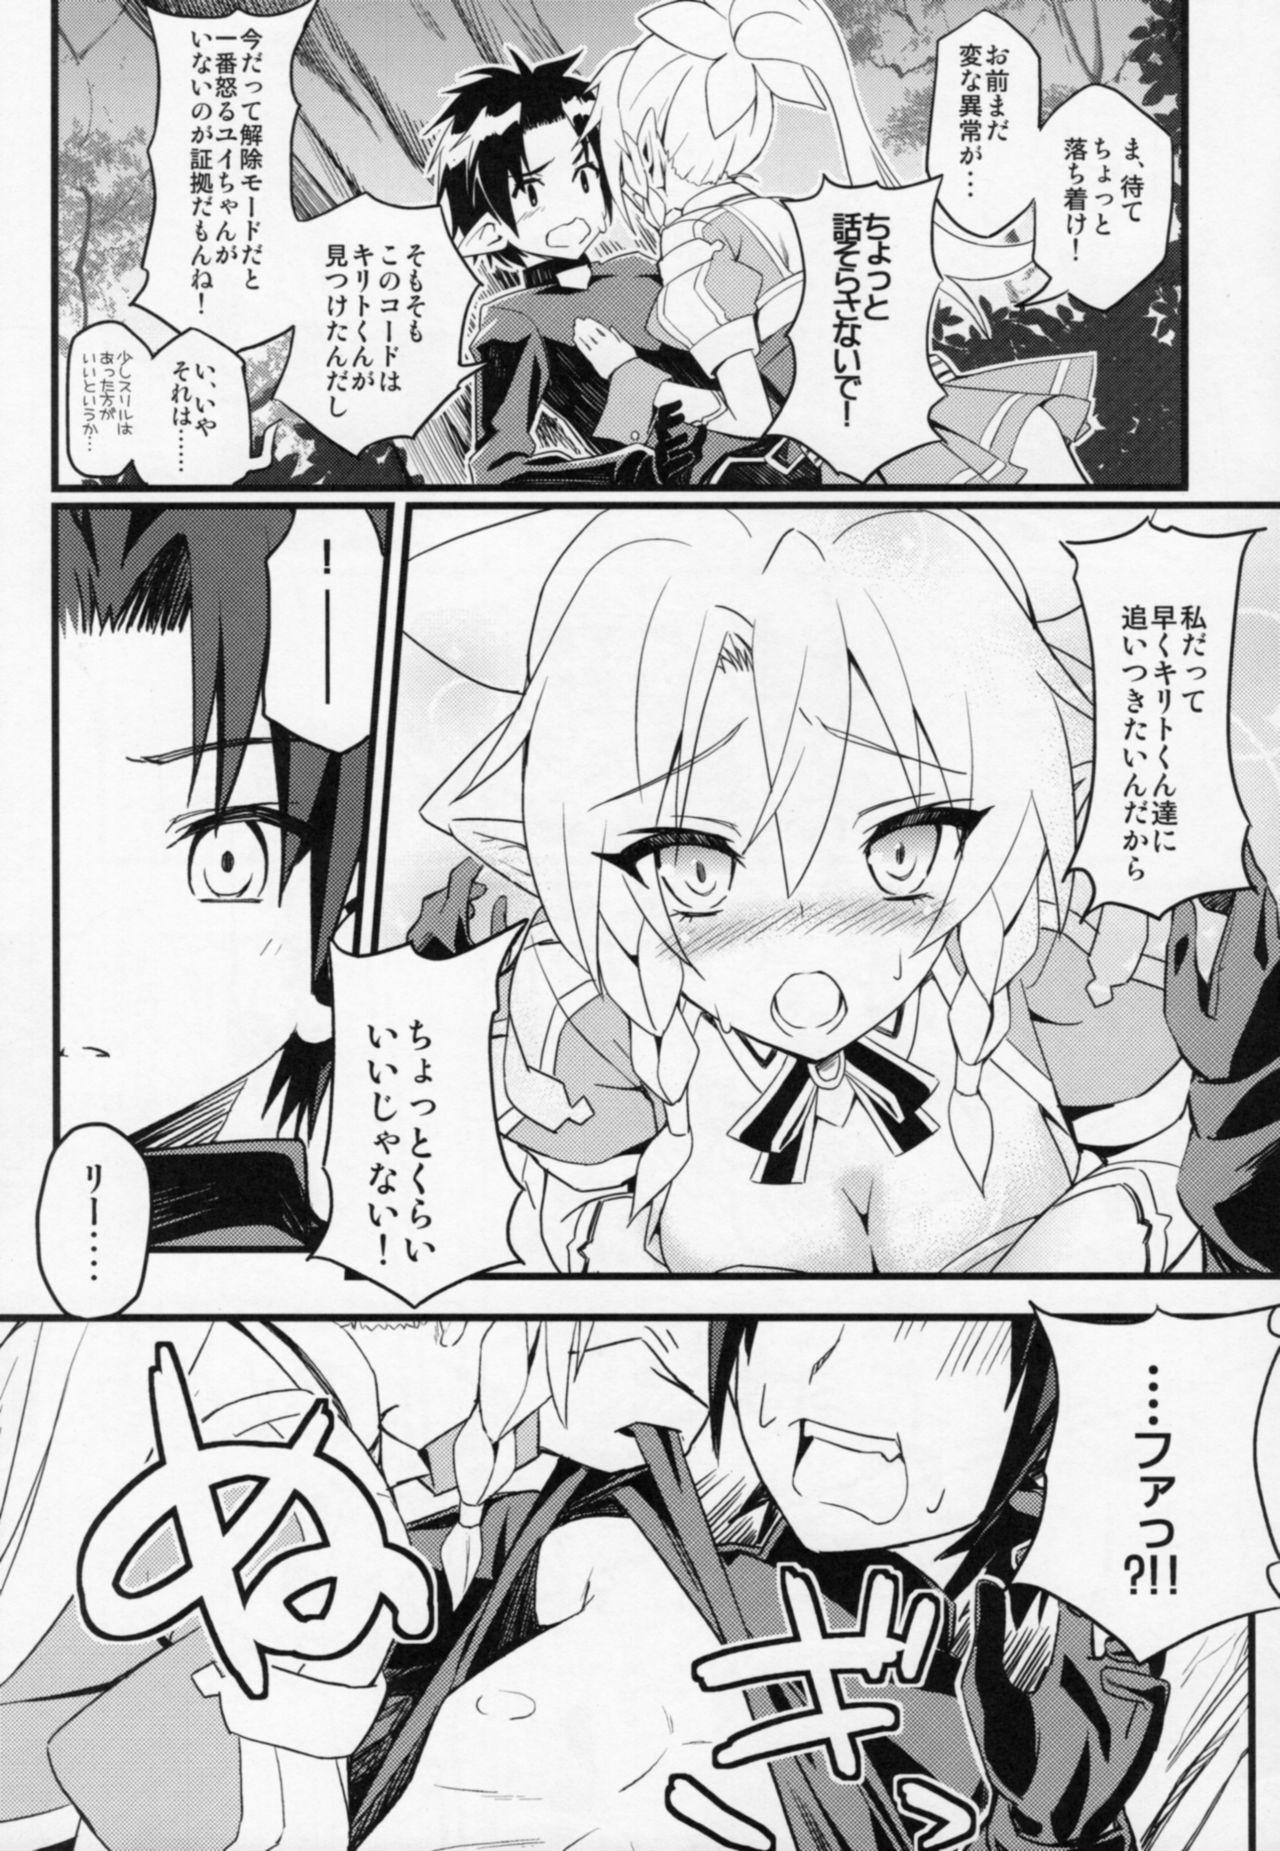 Leafa's∞Moment 13